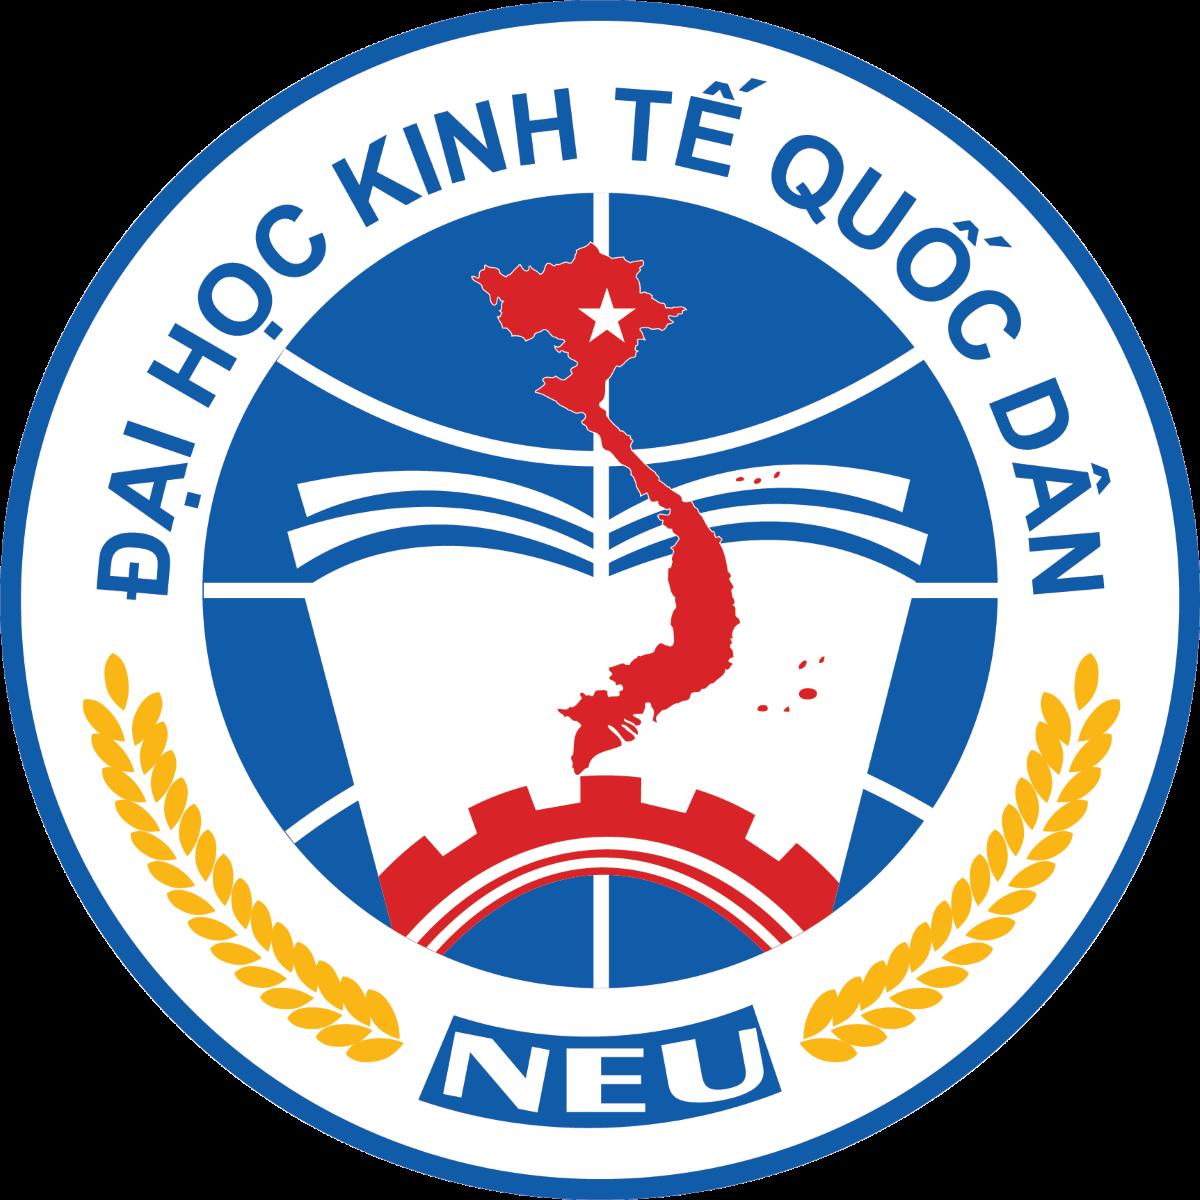 Logo DH Kinh Te Quoc Dan NEU